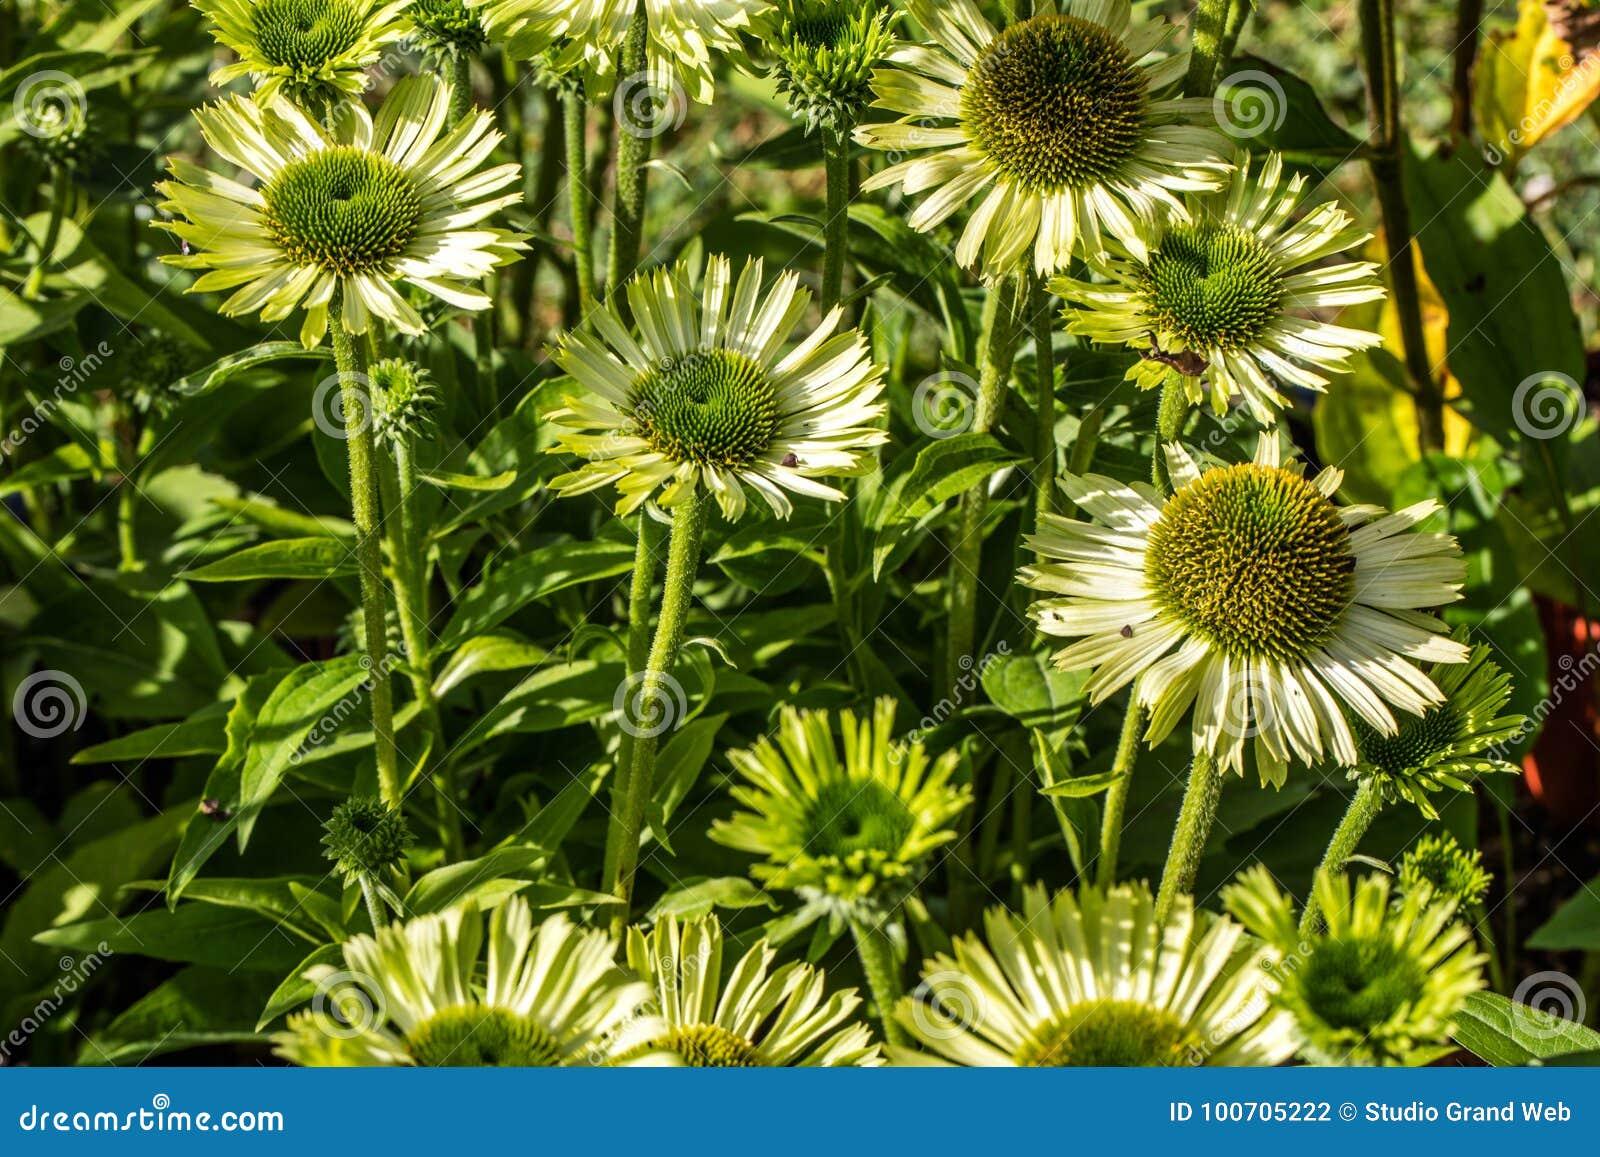 Много зеленых цветков эхинацеи драгоценности в постоянном саде